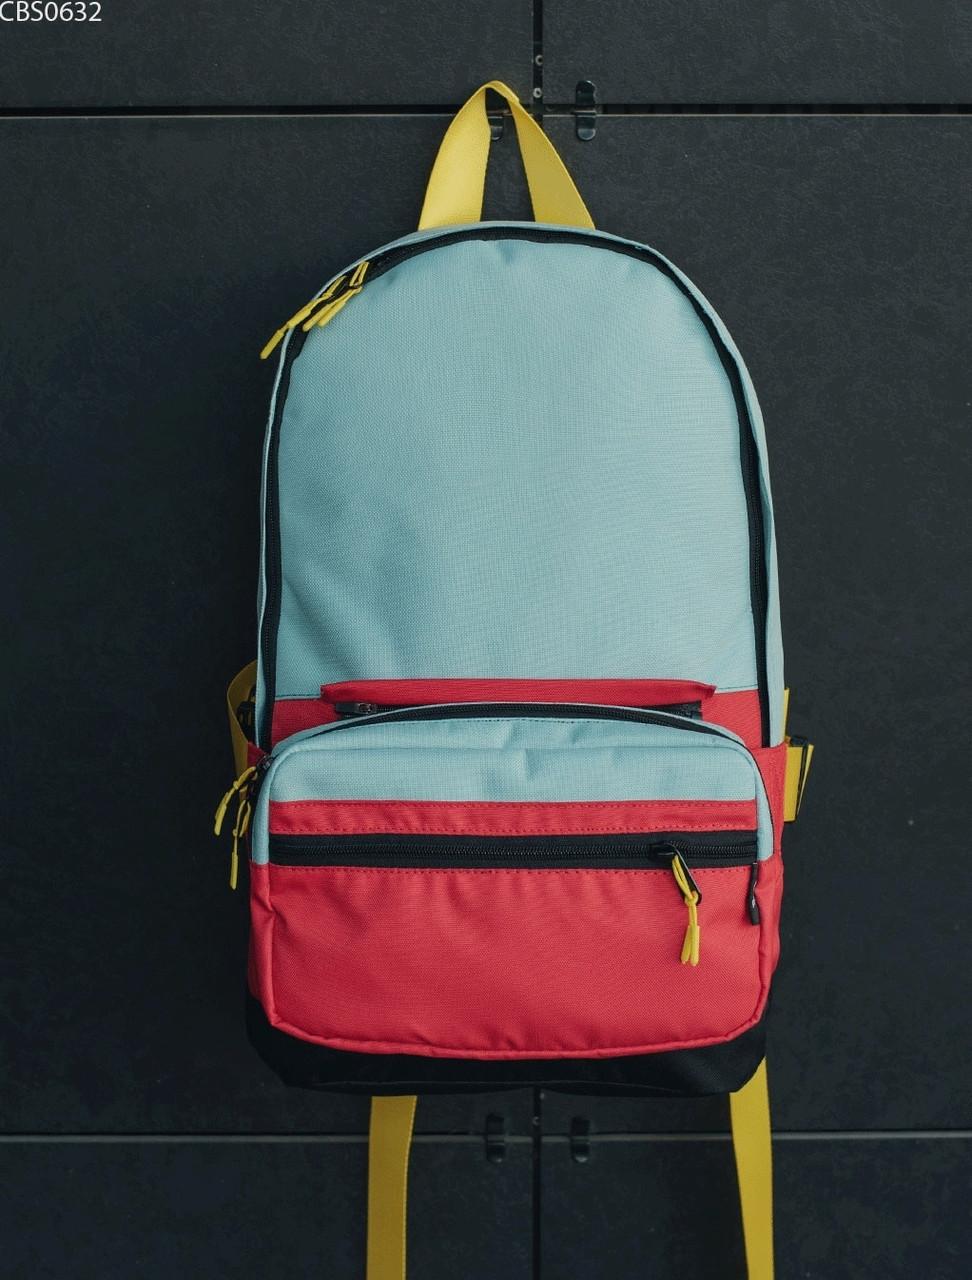 Рюкзак 23L + поясная сумка Staff red & mint